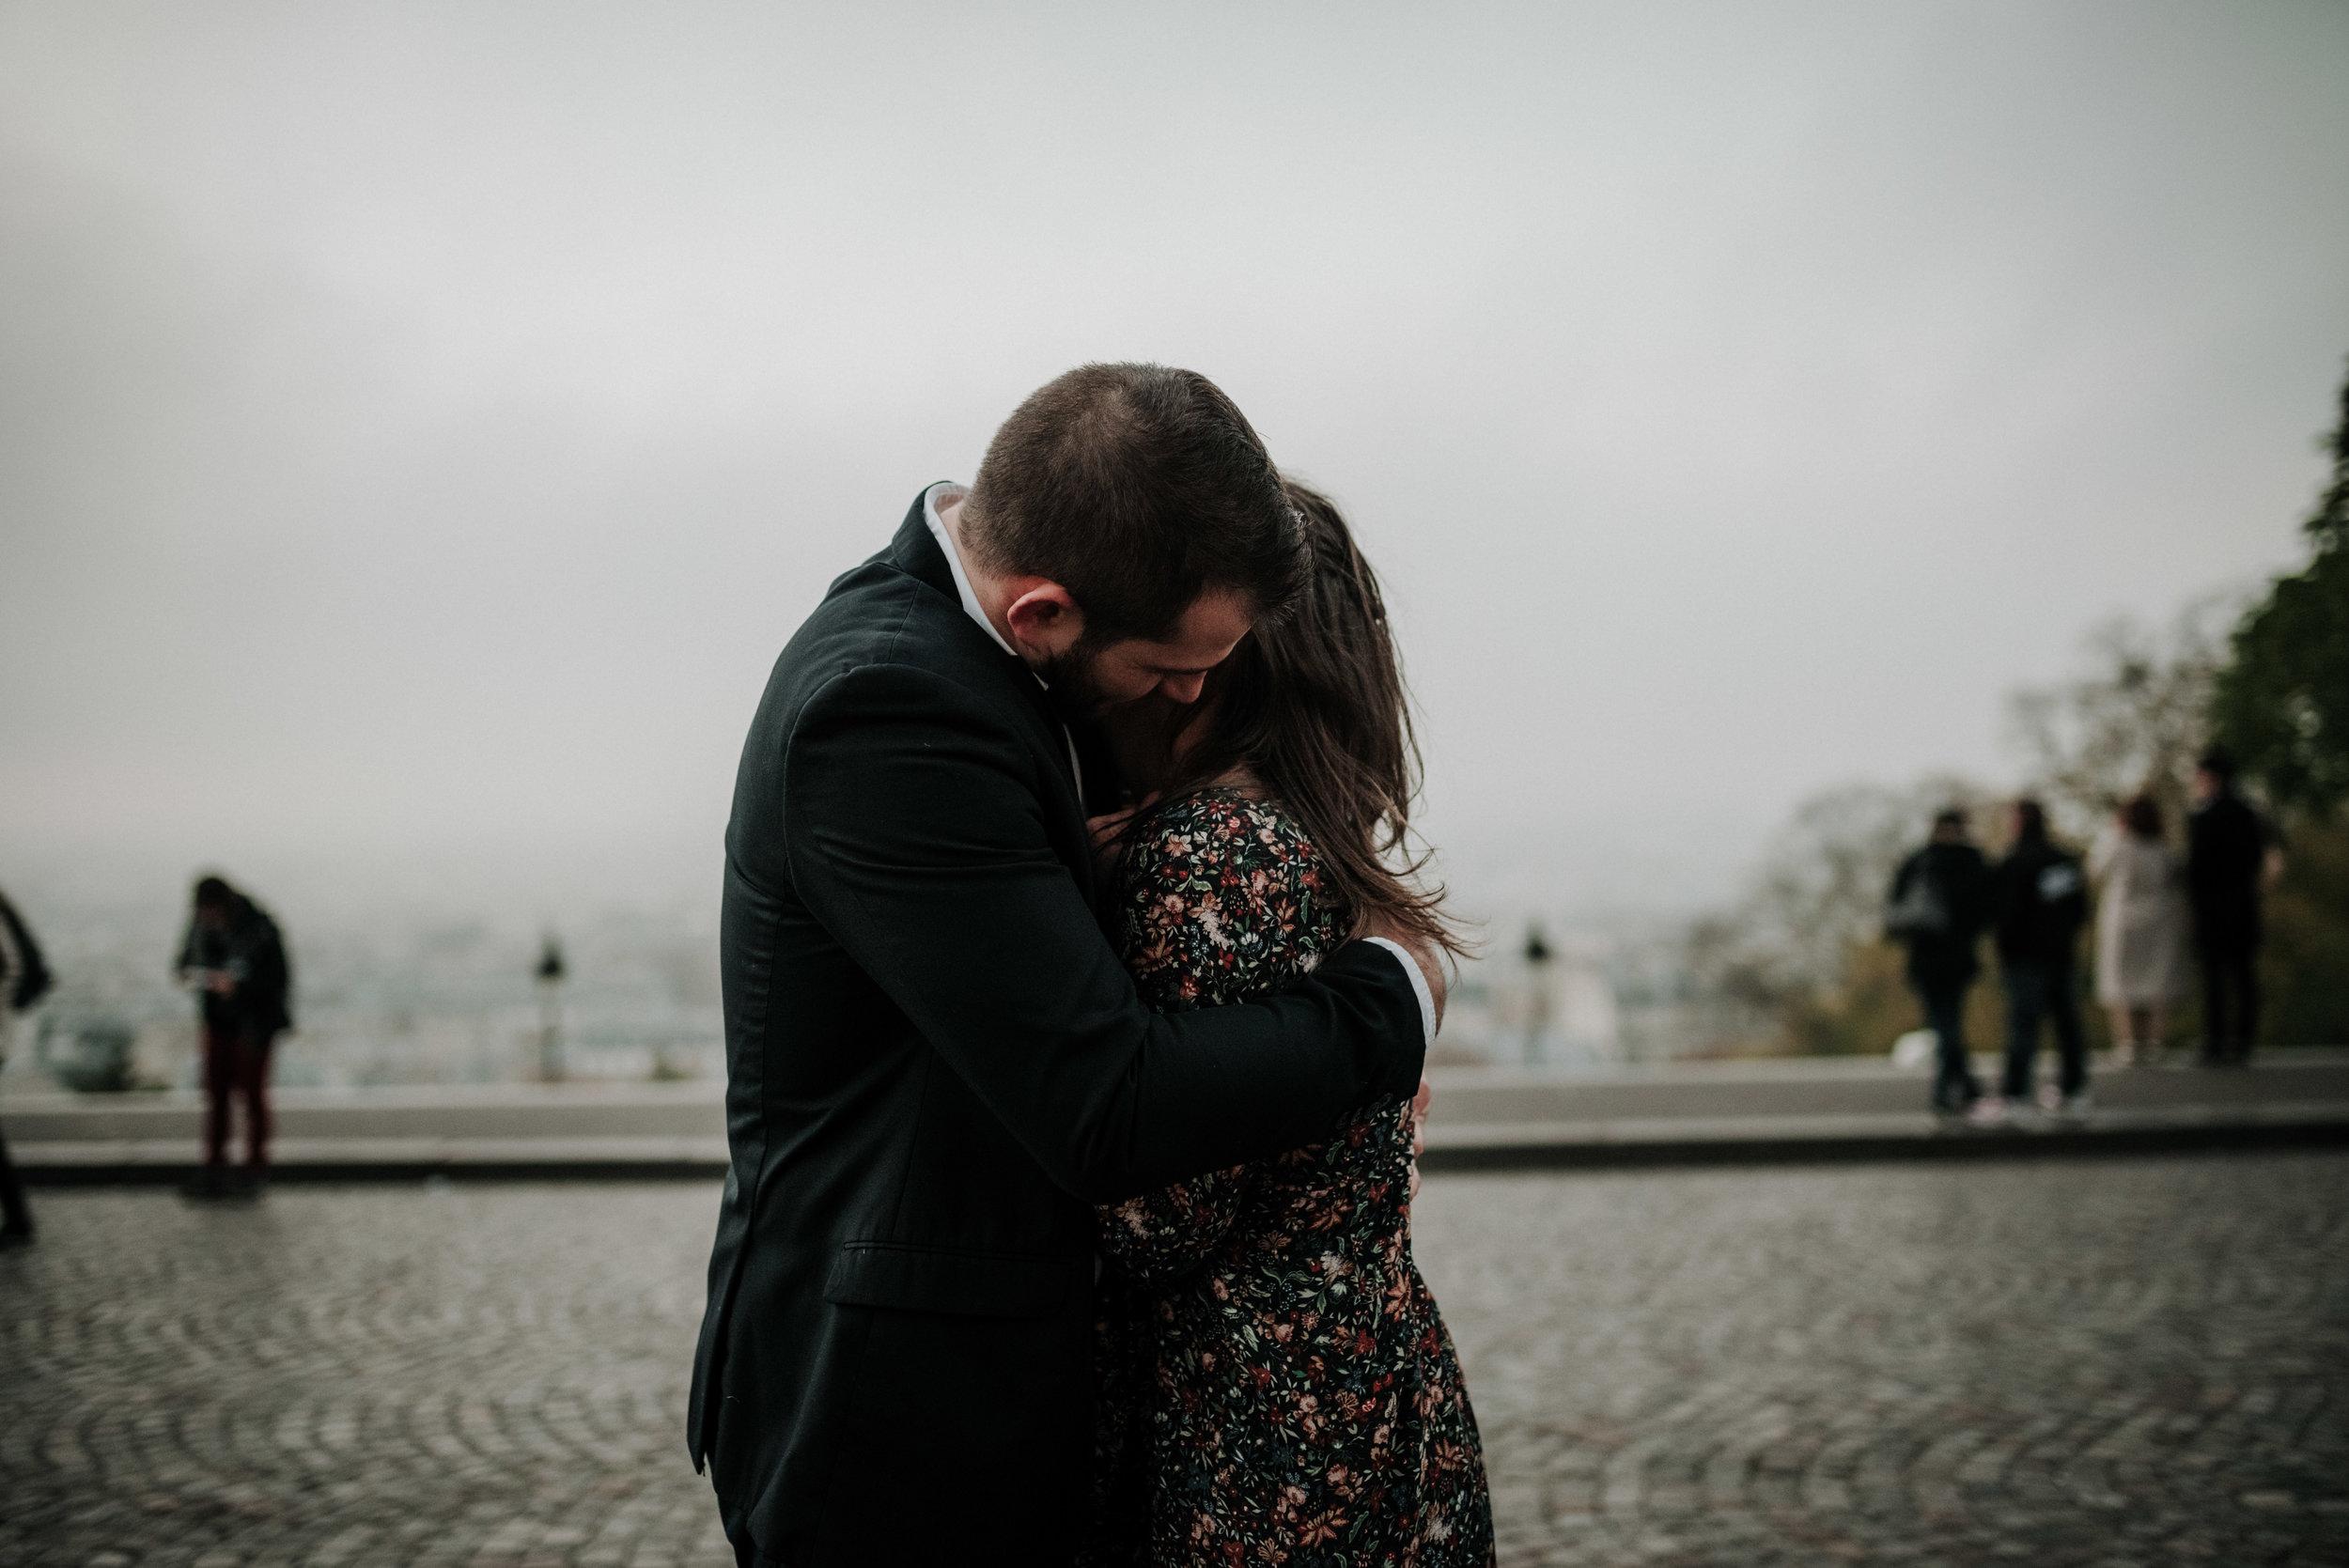 Léa-Fery-photographe-professionnel-lyon-rhone-alpes-portrait-creation-mariage-evenement-evenementiel-famille-5000.jpg